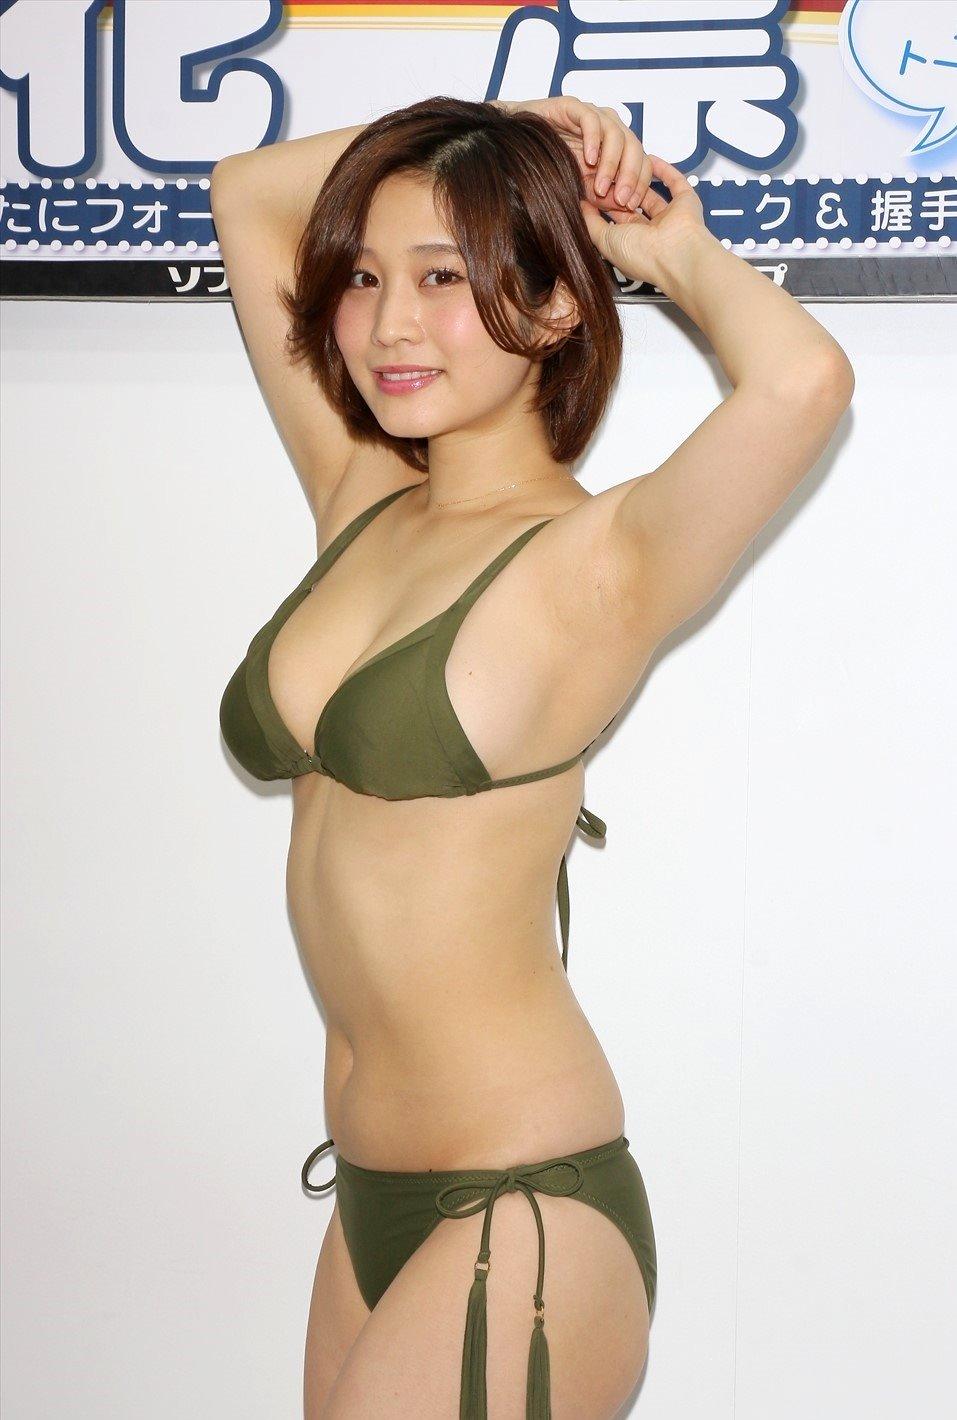 橘花凛のデカ腋 (2)